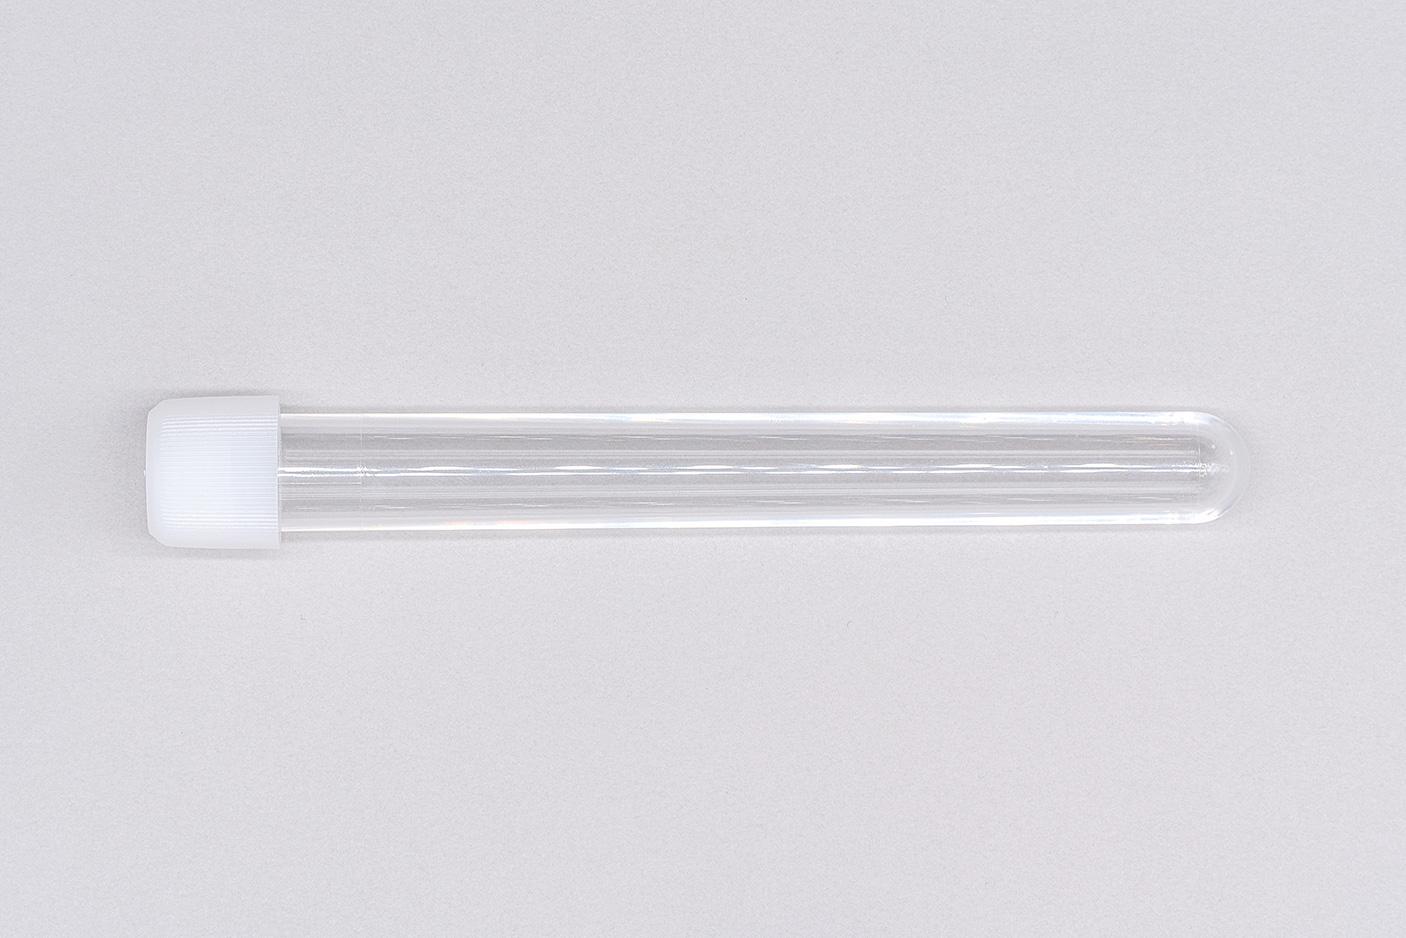 プラスチック 試験管 スクリューキャップ 綿棒移送容器 2